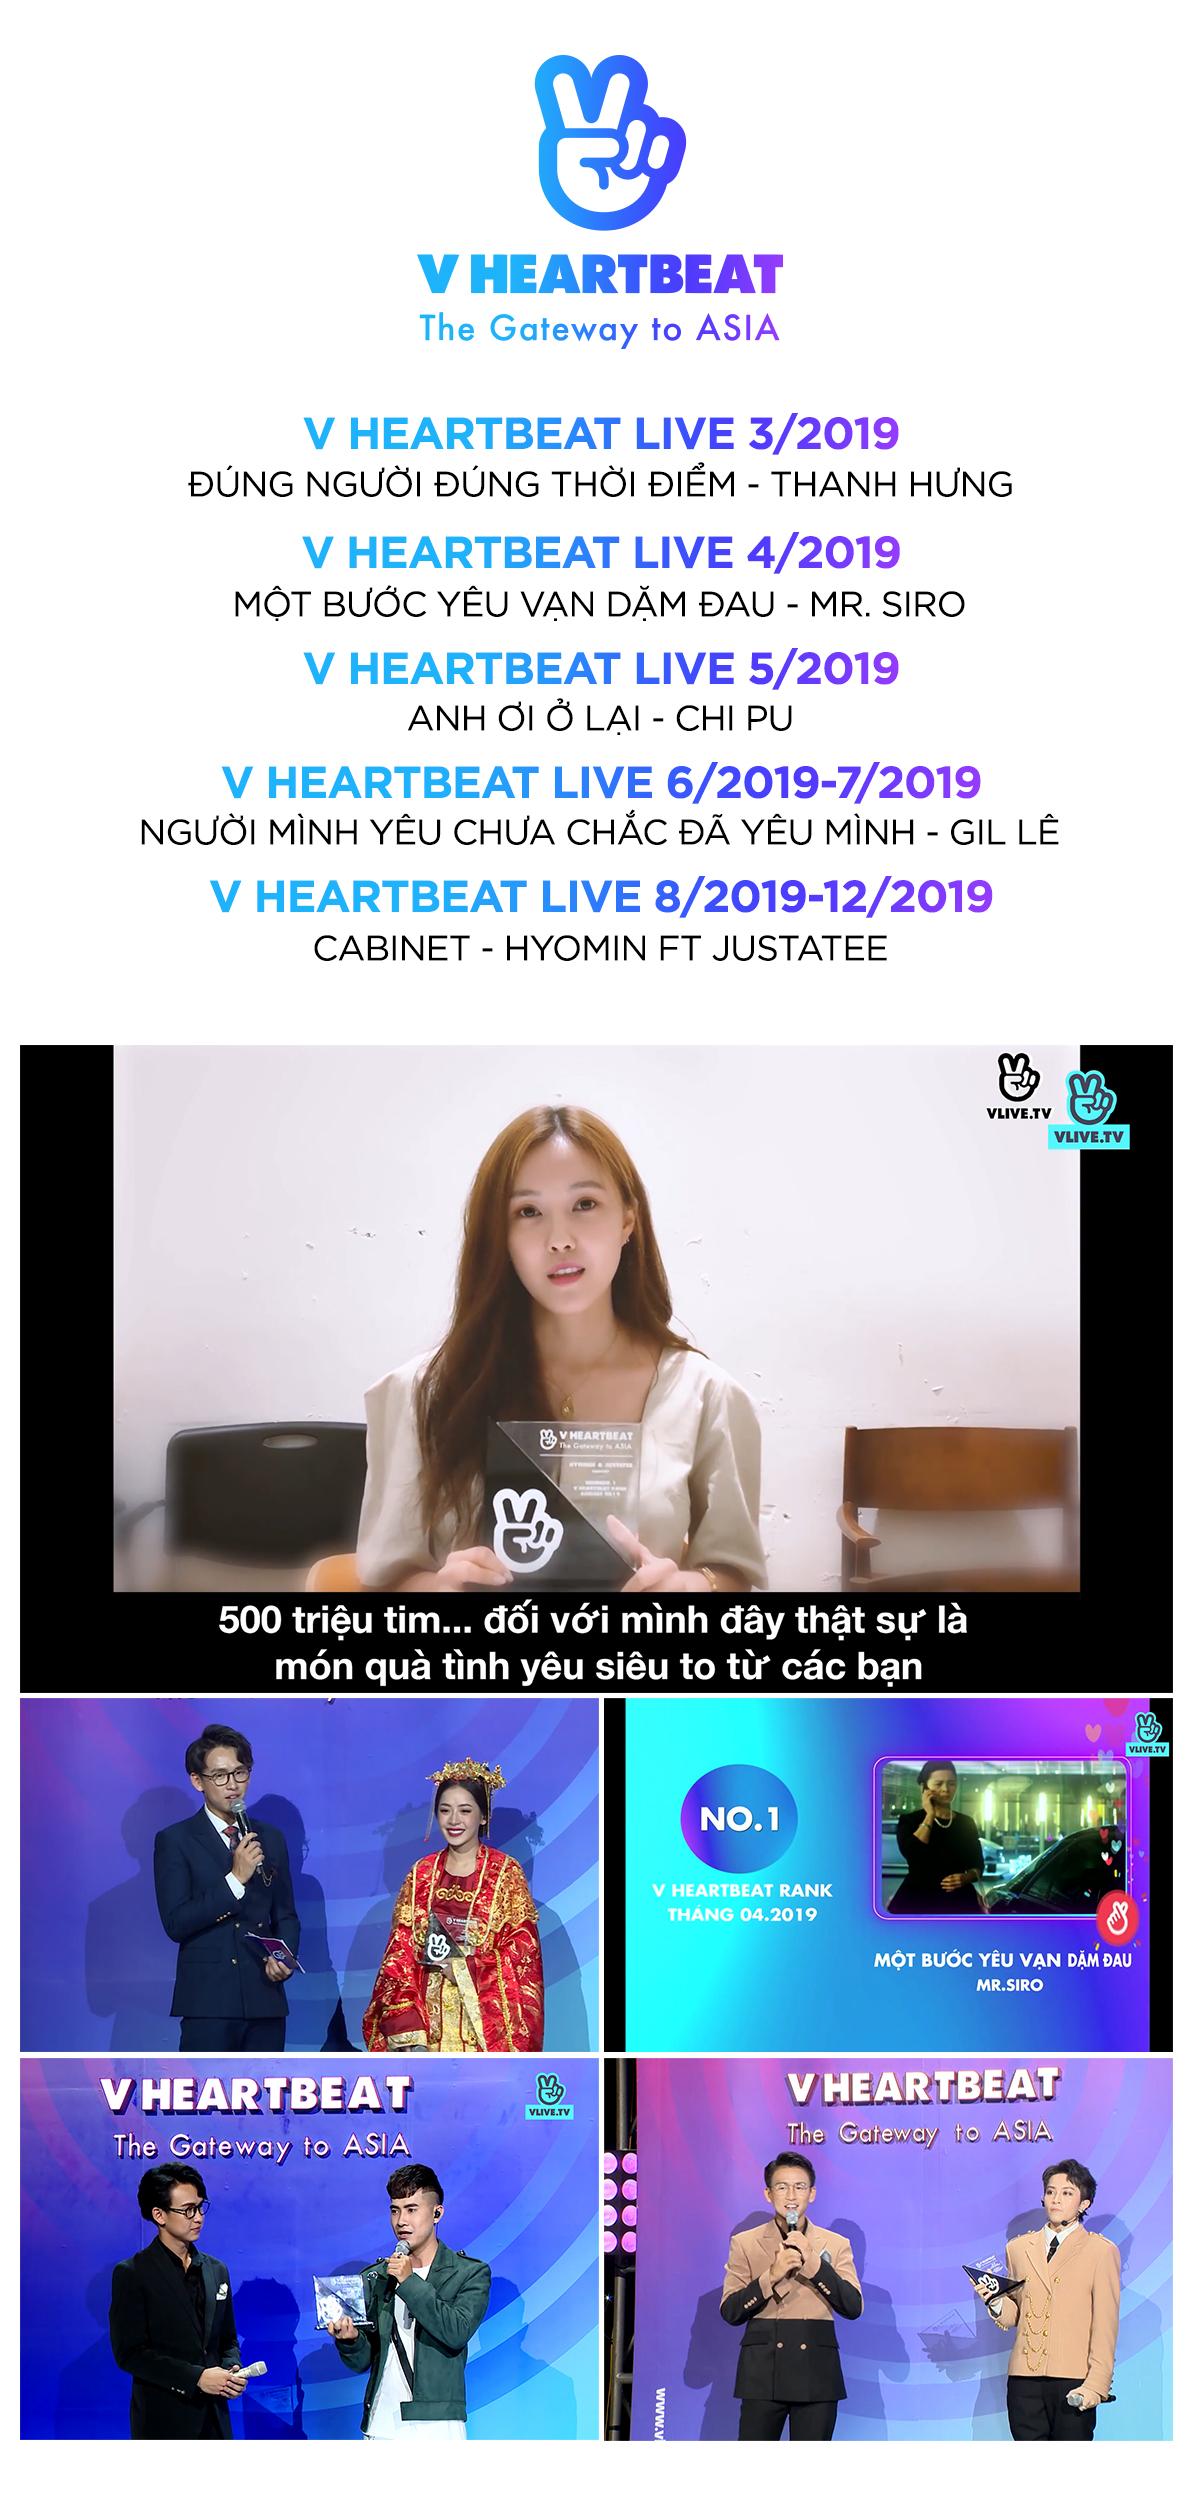 V Heartbeat Rank: Bảng xếp hạng âm nhạc đánh giá sự yêu thích của công chúng cho mỗi ca khúc chuẩn nhất tại Việt Nam? Ảnh 5